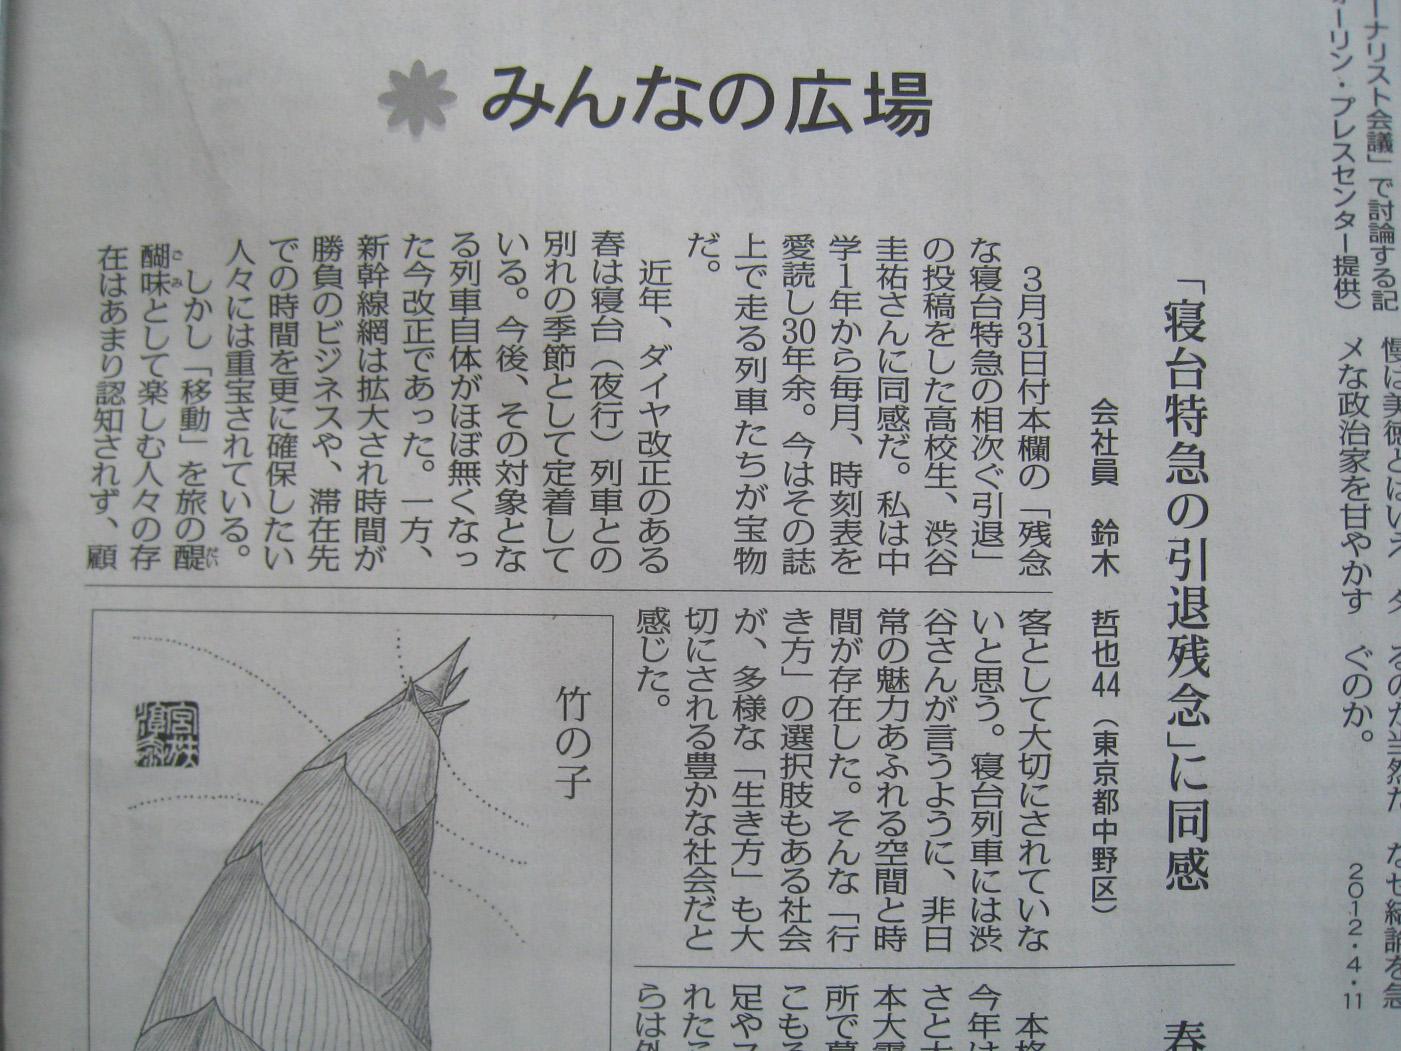 2012.05.06(毎日新聞掲載記事).jpg